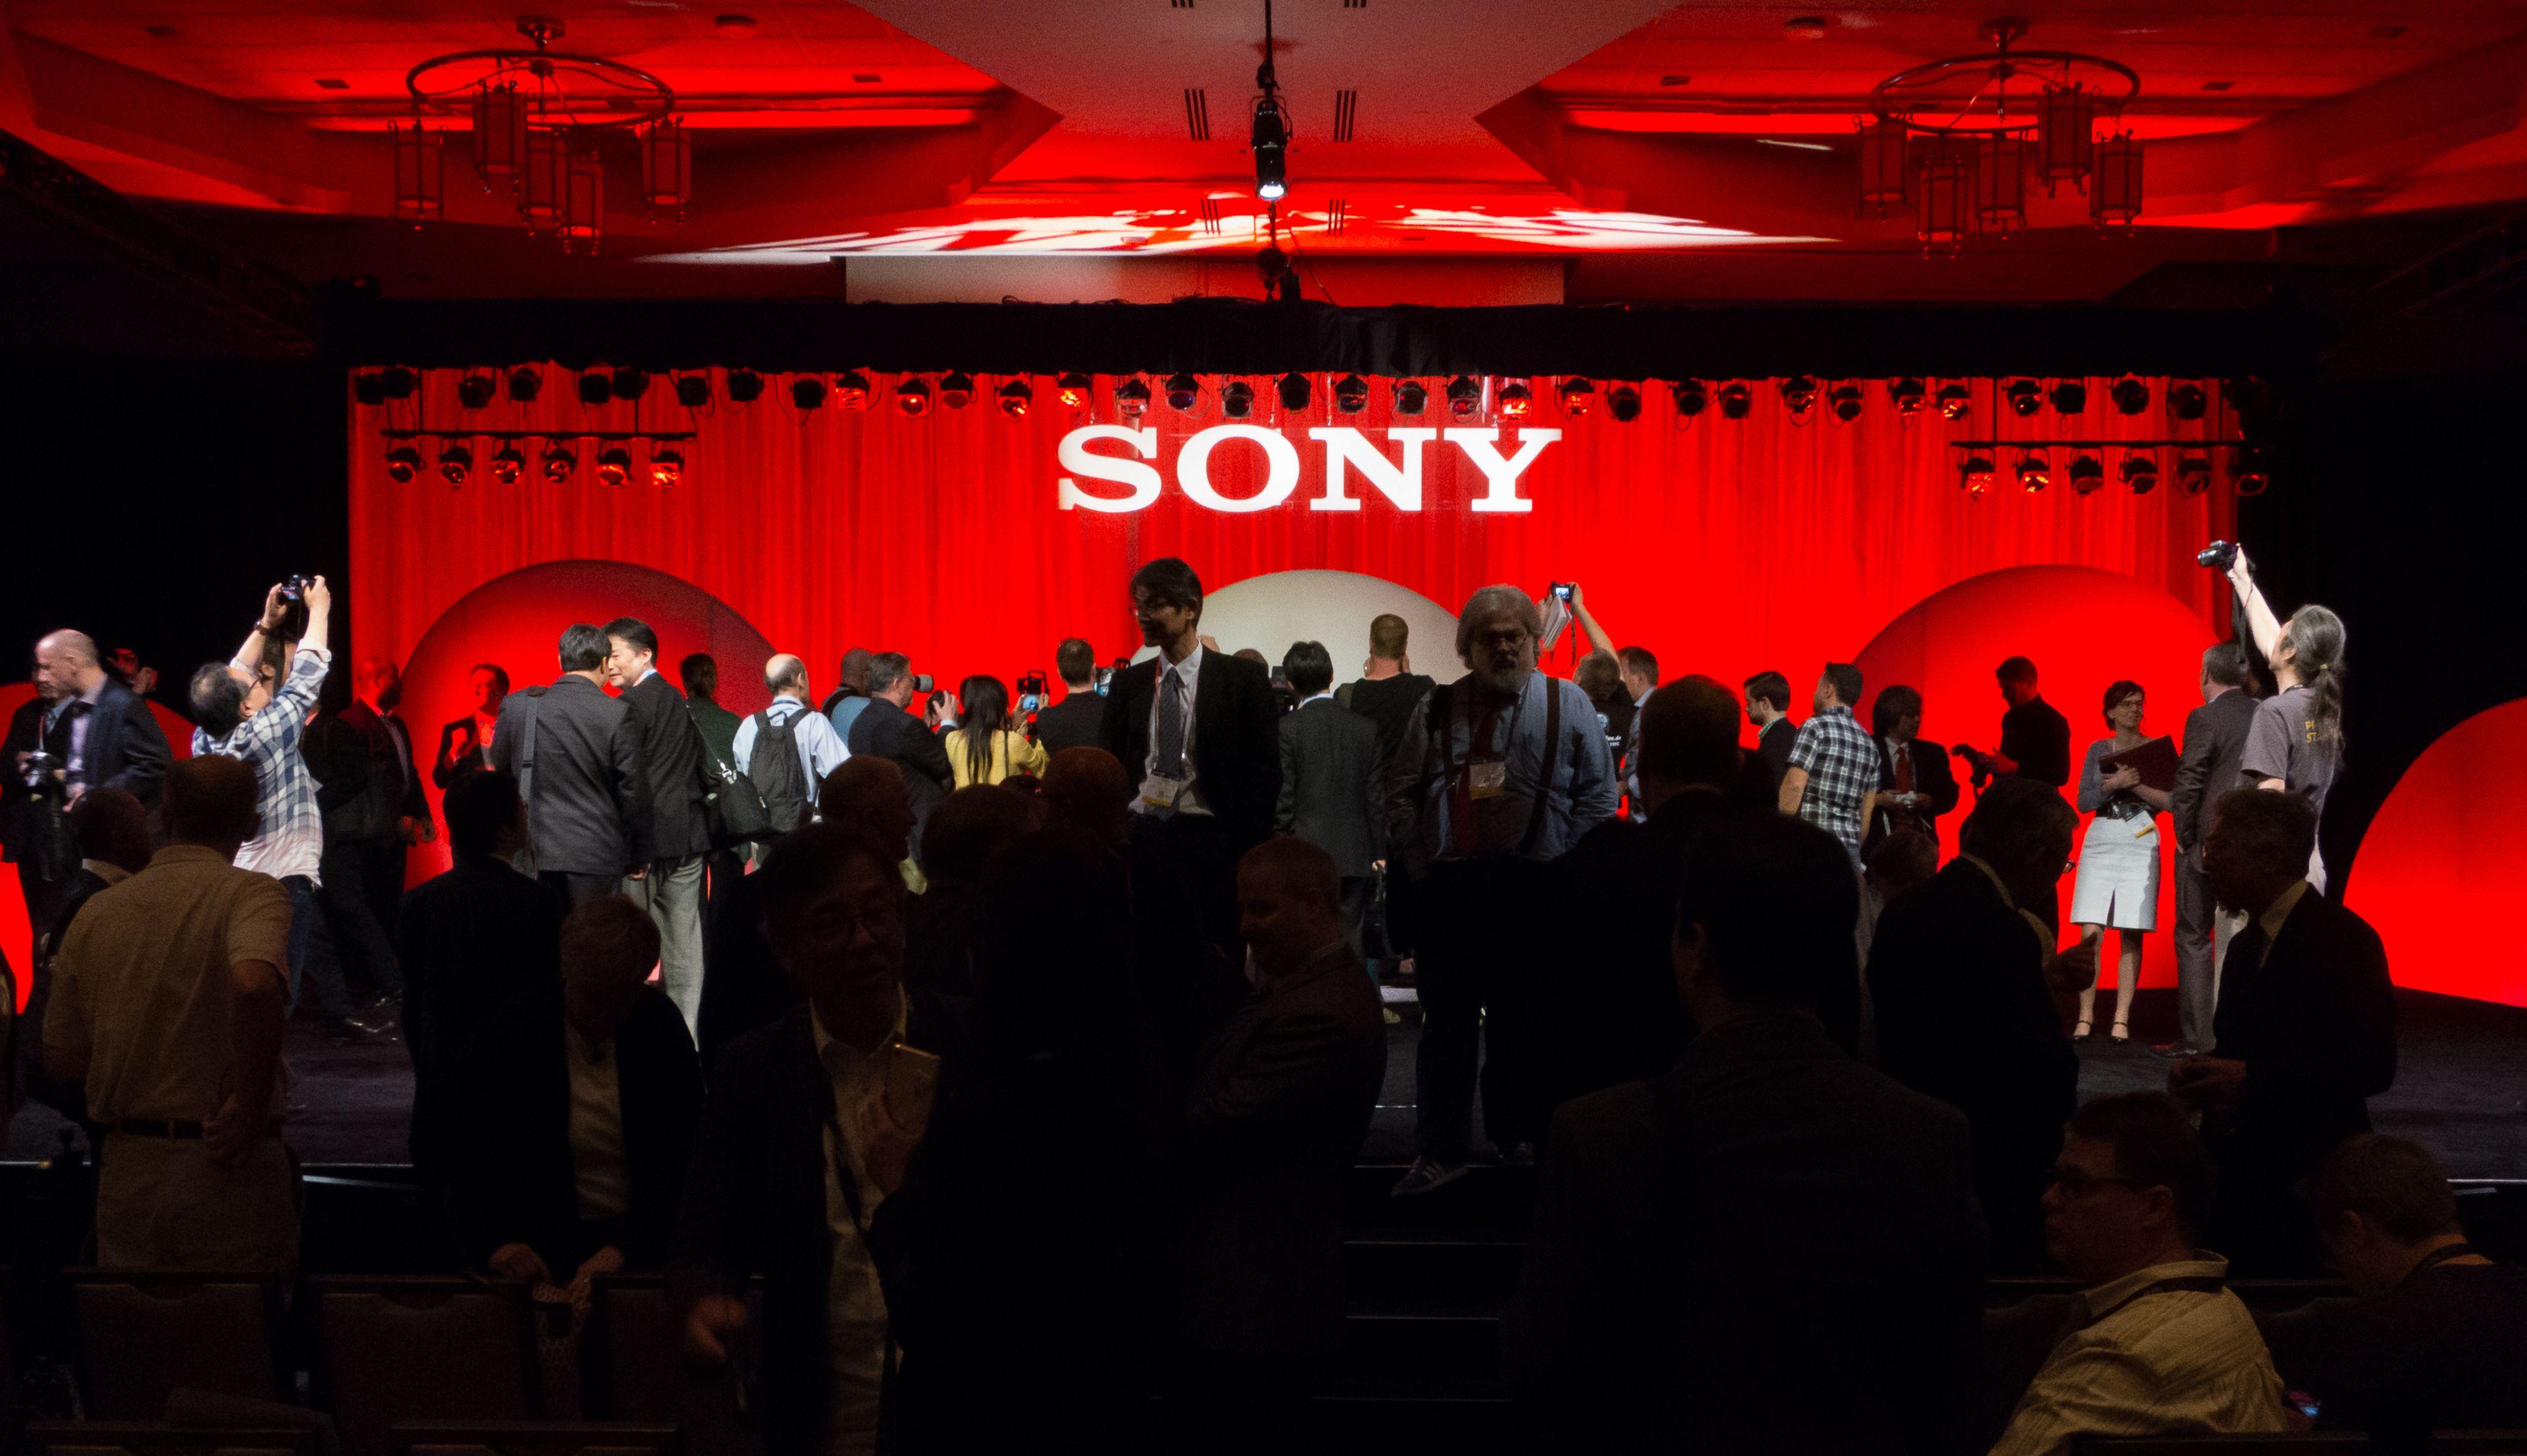 Sony at NAB 2016